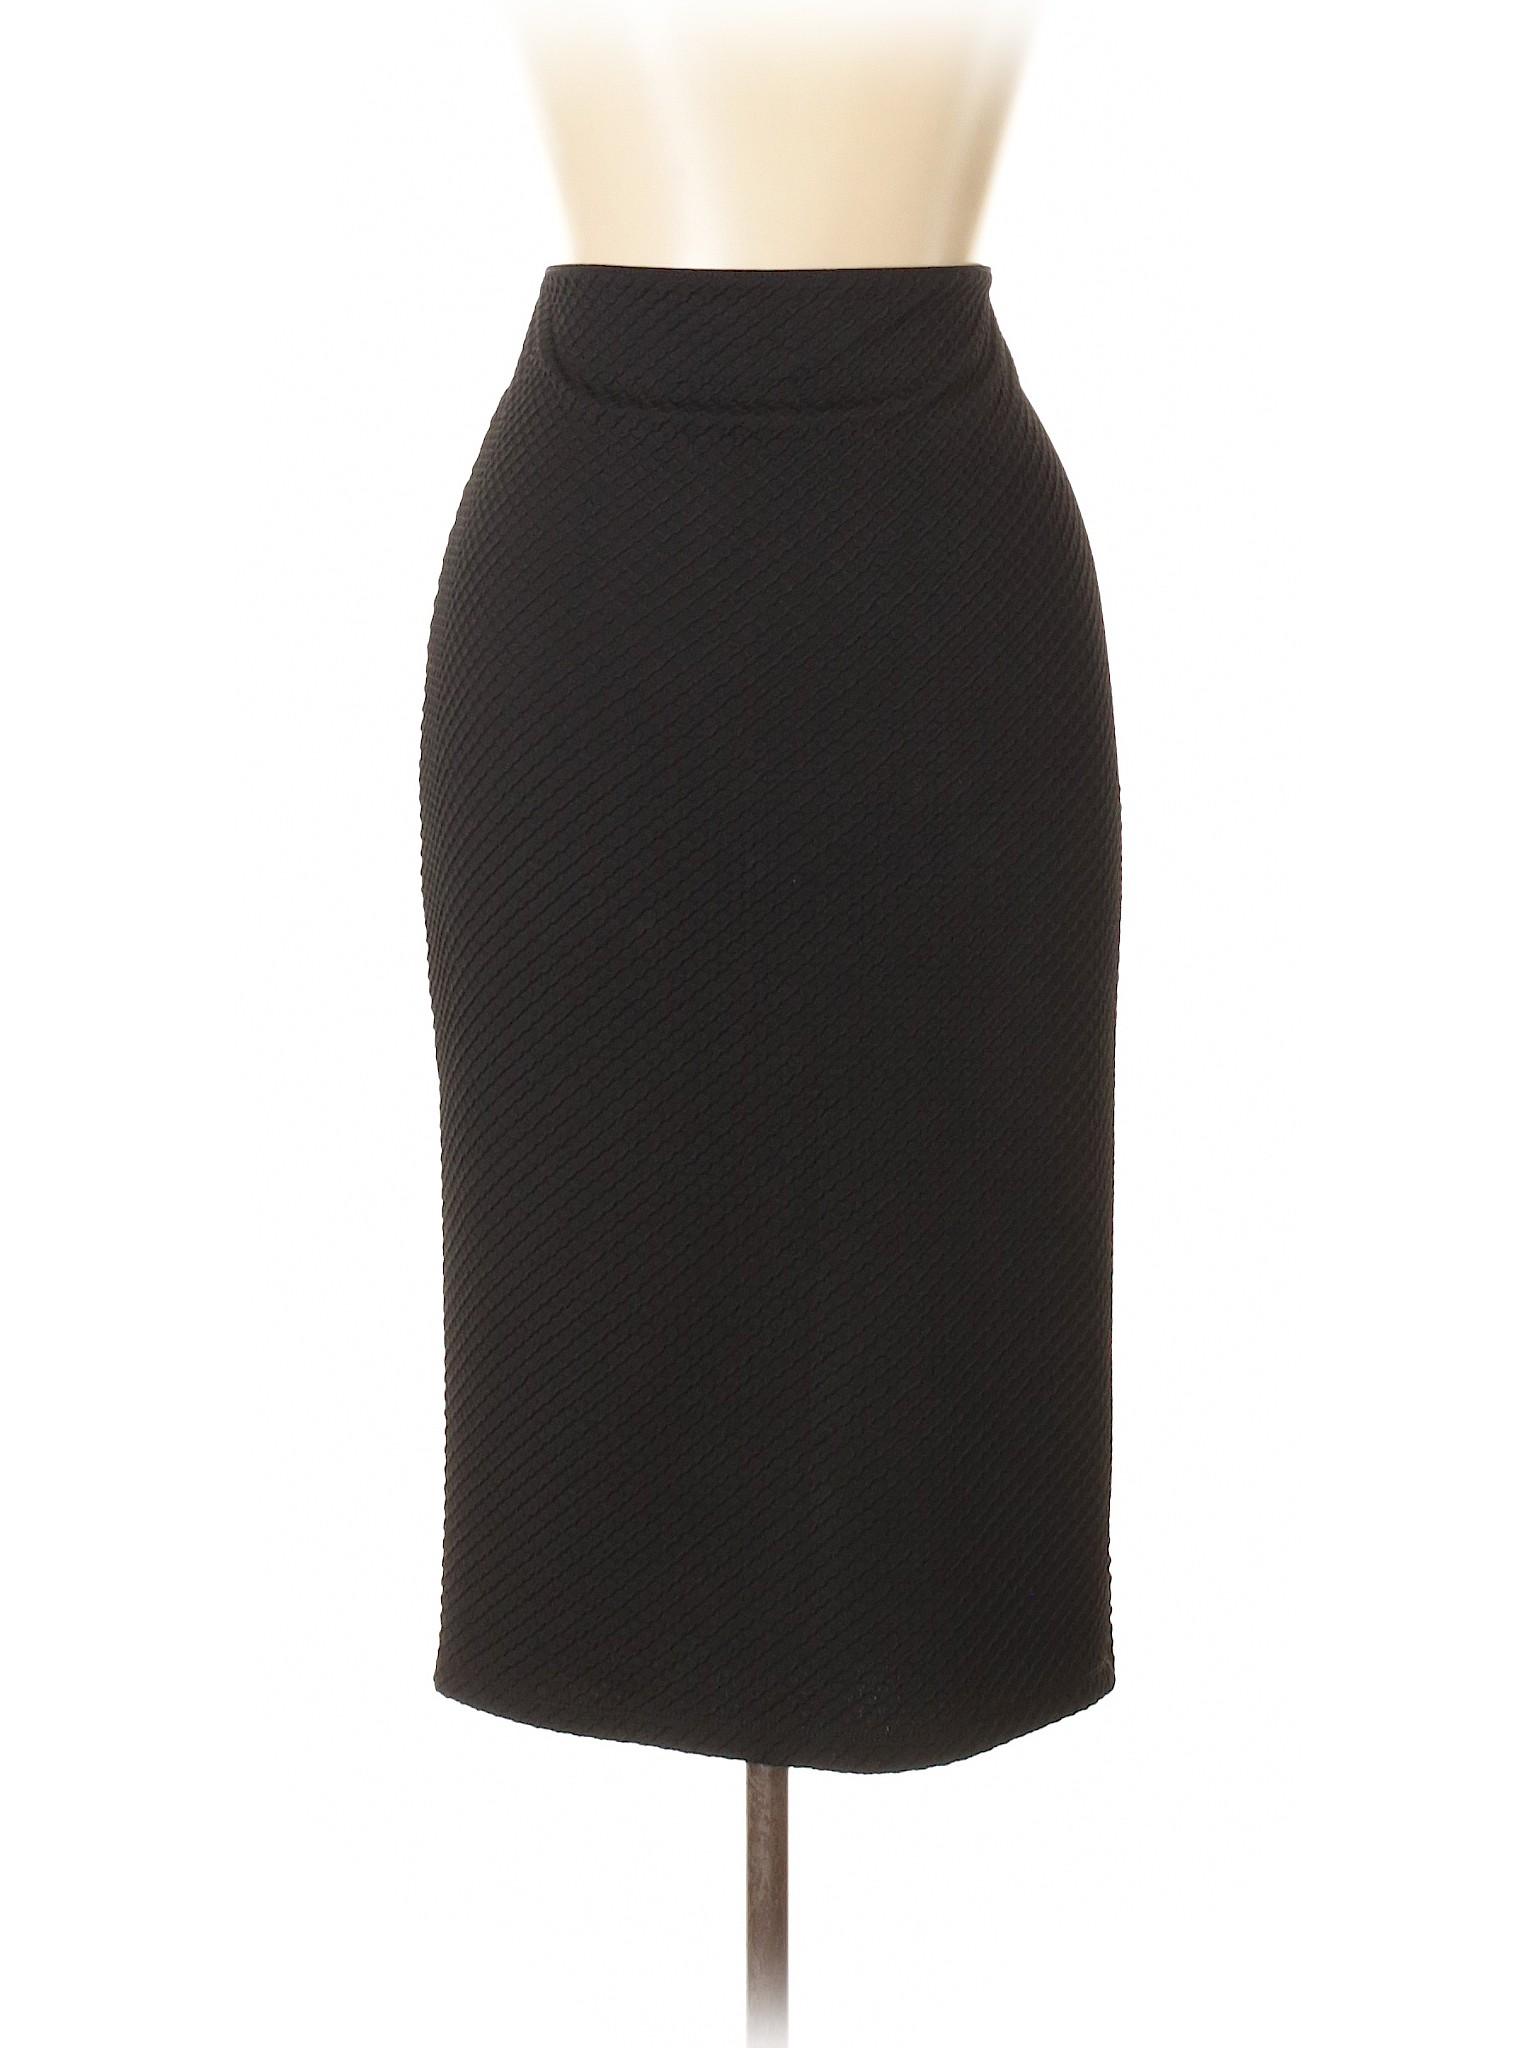 Apt Boutique 9 Casual Casual Apt 9 9 Boutique Apt Boutique Skirt Skirt rr5Z8xgq